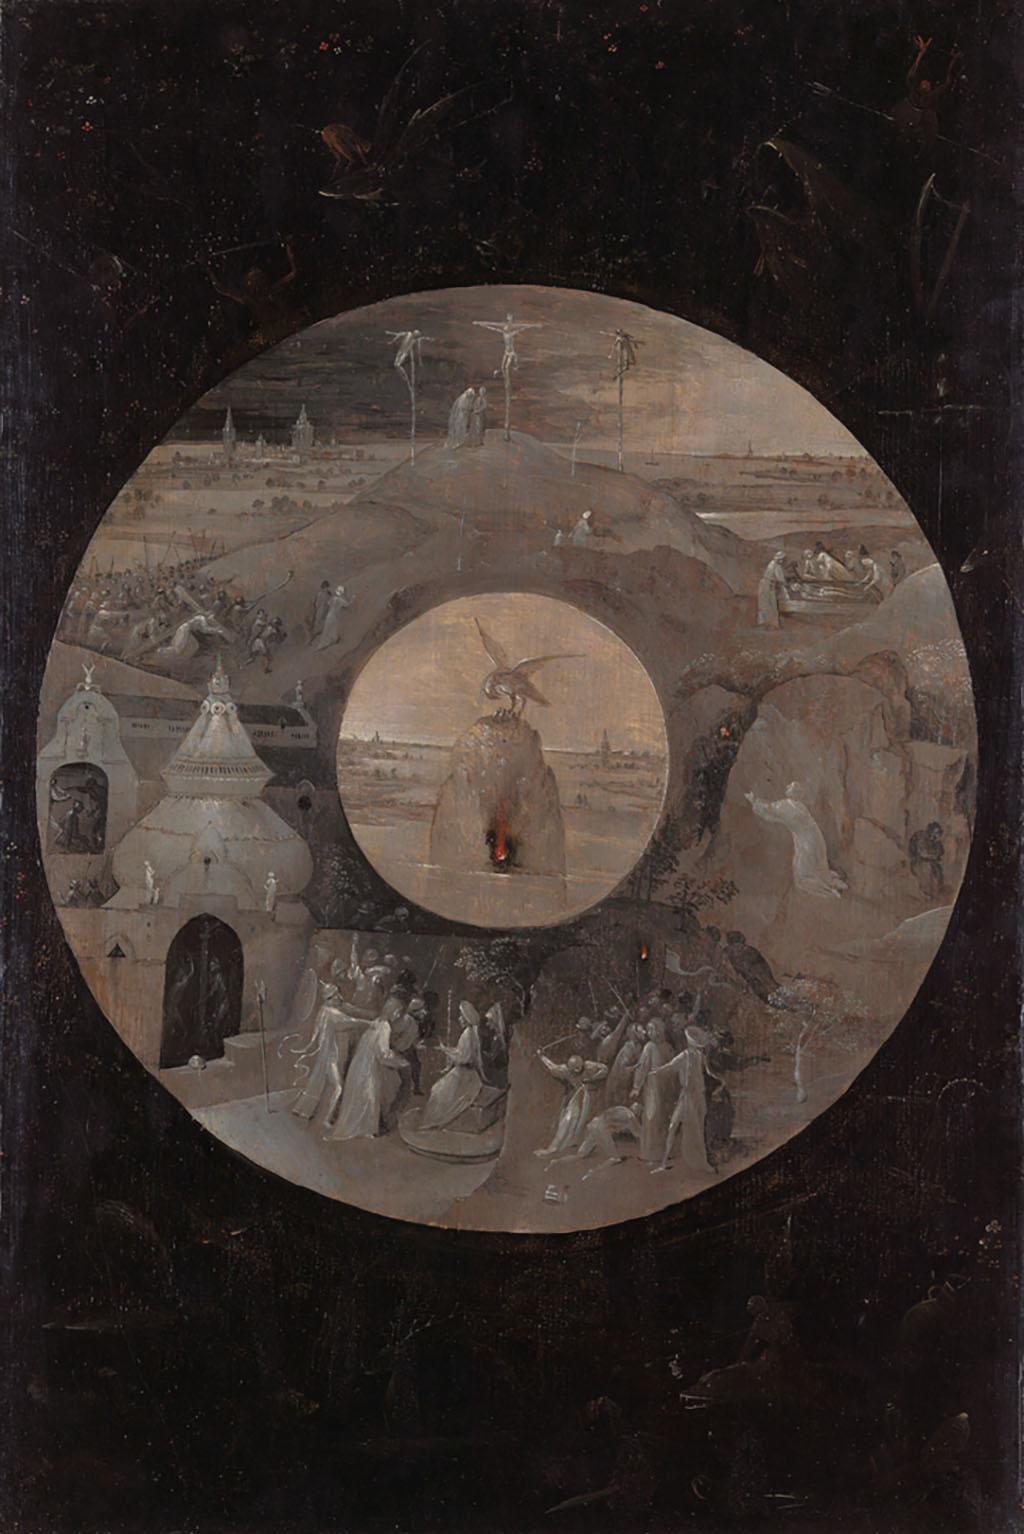 Иероним Босх «Сцены страстей Христовых и пеликан с птенцами» (оборотная часть доски) ок. 1490-95